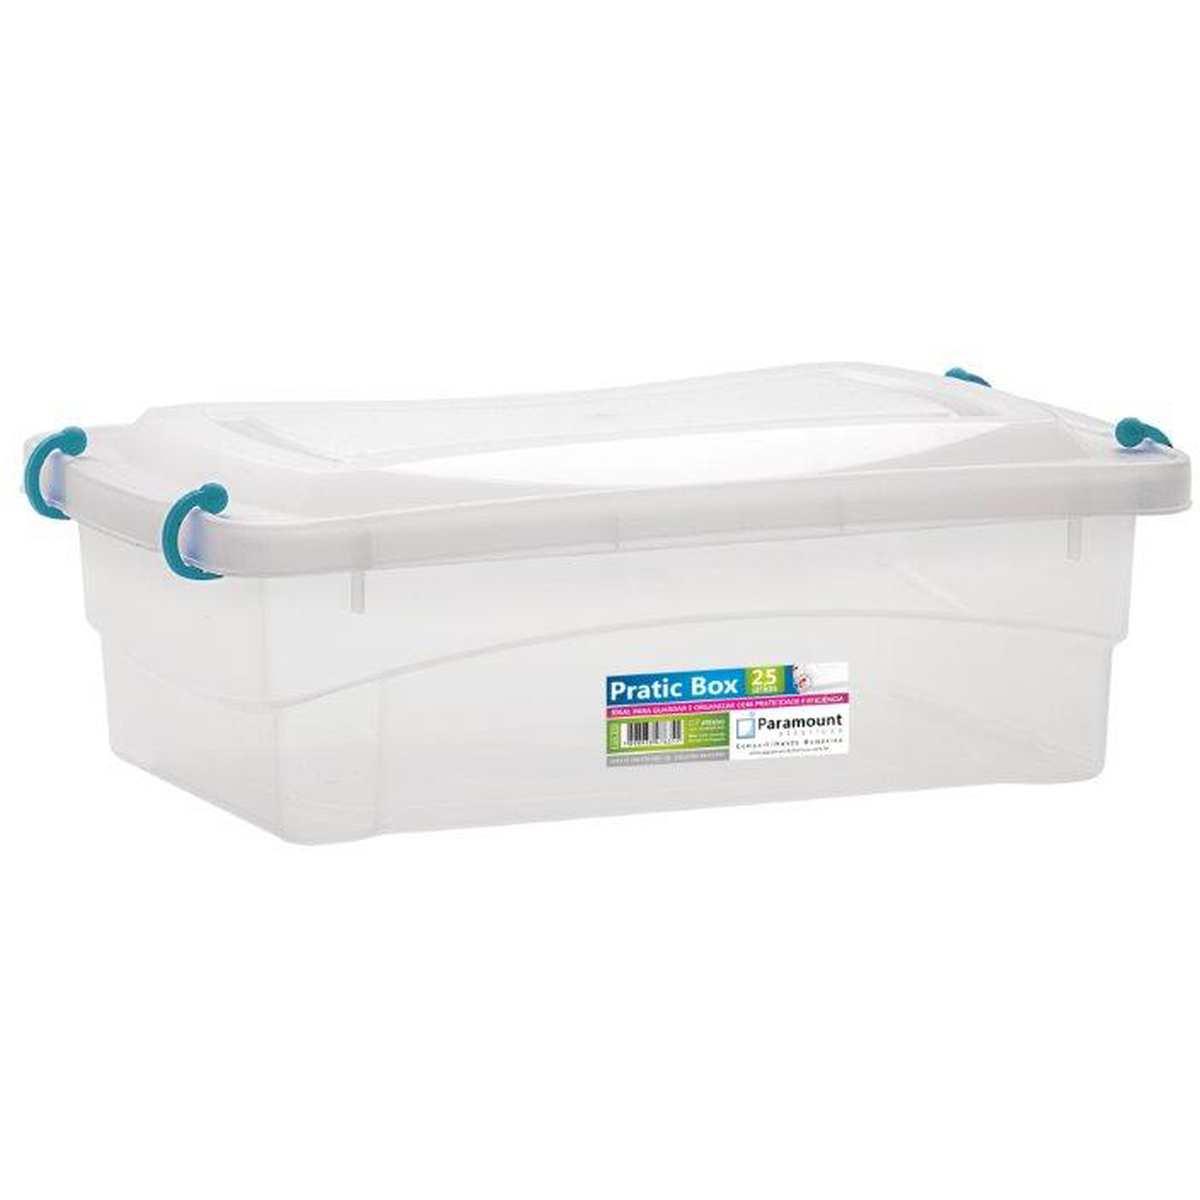 CAIXA PLASTICA MULTIUSO PRATIC BOX 2,5L 27X18,5X9CM